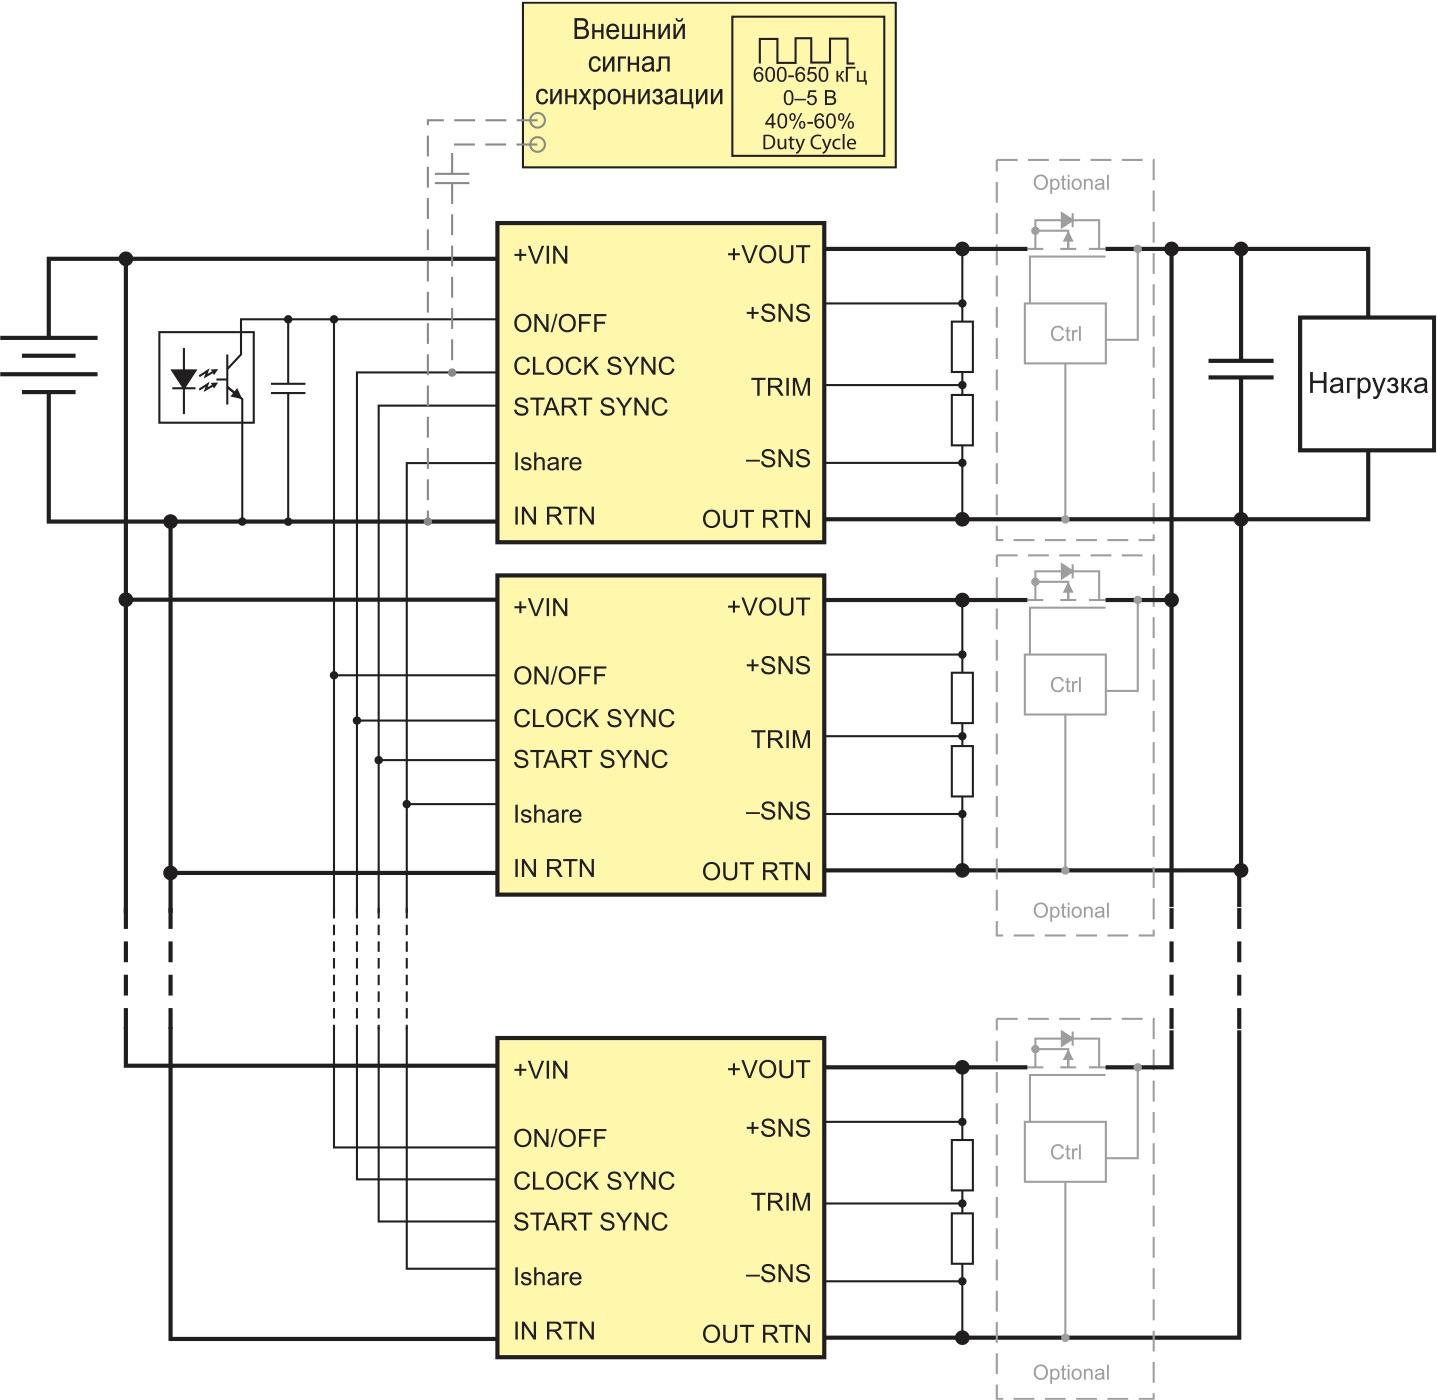 Схема параллельного включения модулей электропитания SynQor по типу Master–Slave